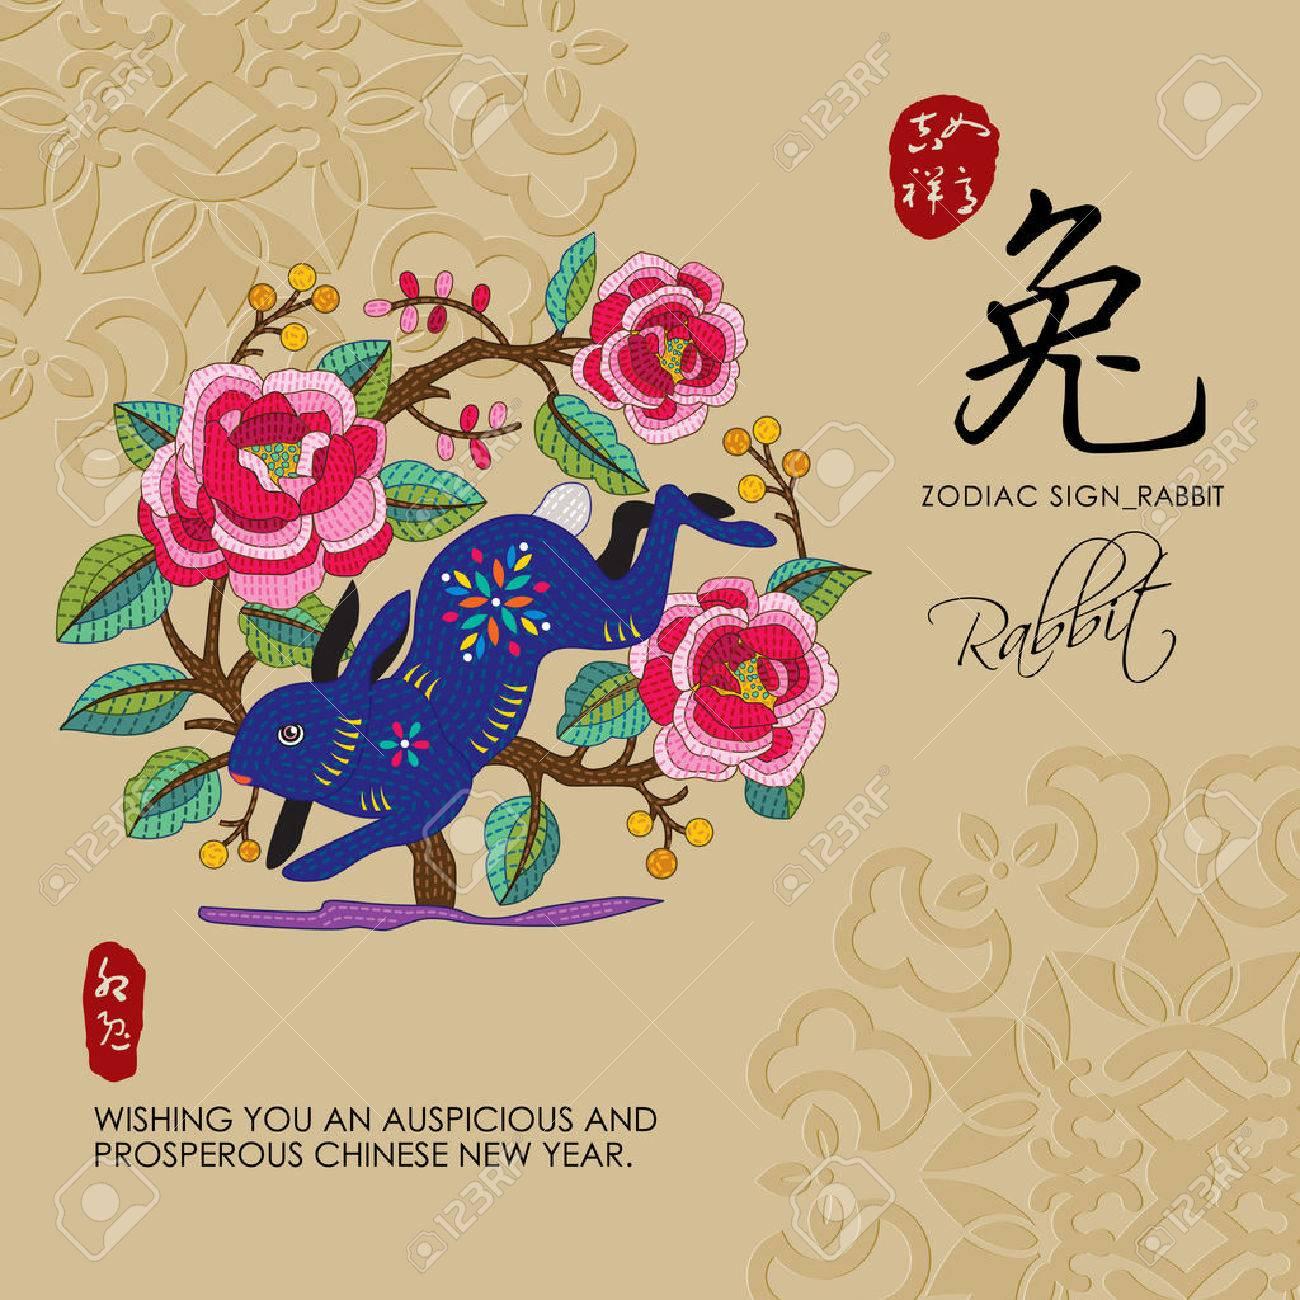 12 Signes Chinois Lapin avec le texte de calligraphie chinoise et la traduction. Auspicious top Sceau chinois Bonne chance et de bonheur pour vous et lapin en bas. Banque d'images - 49809336